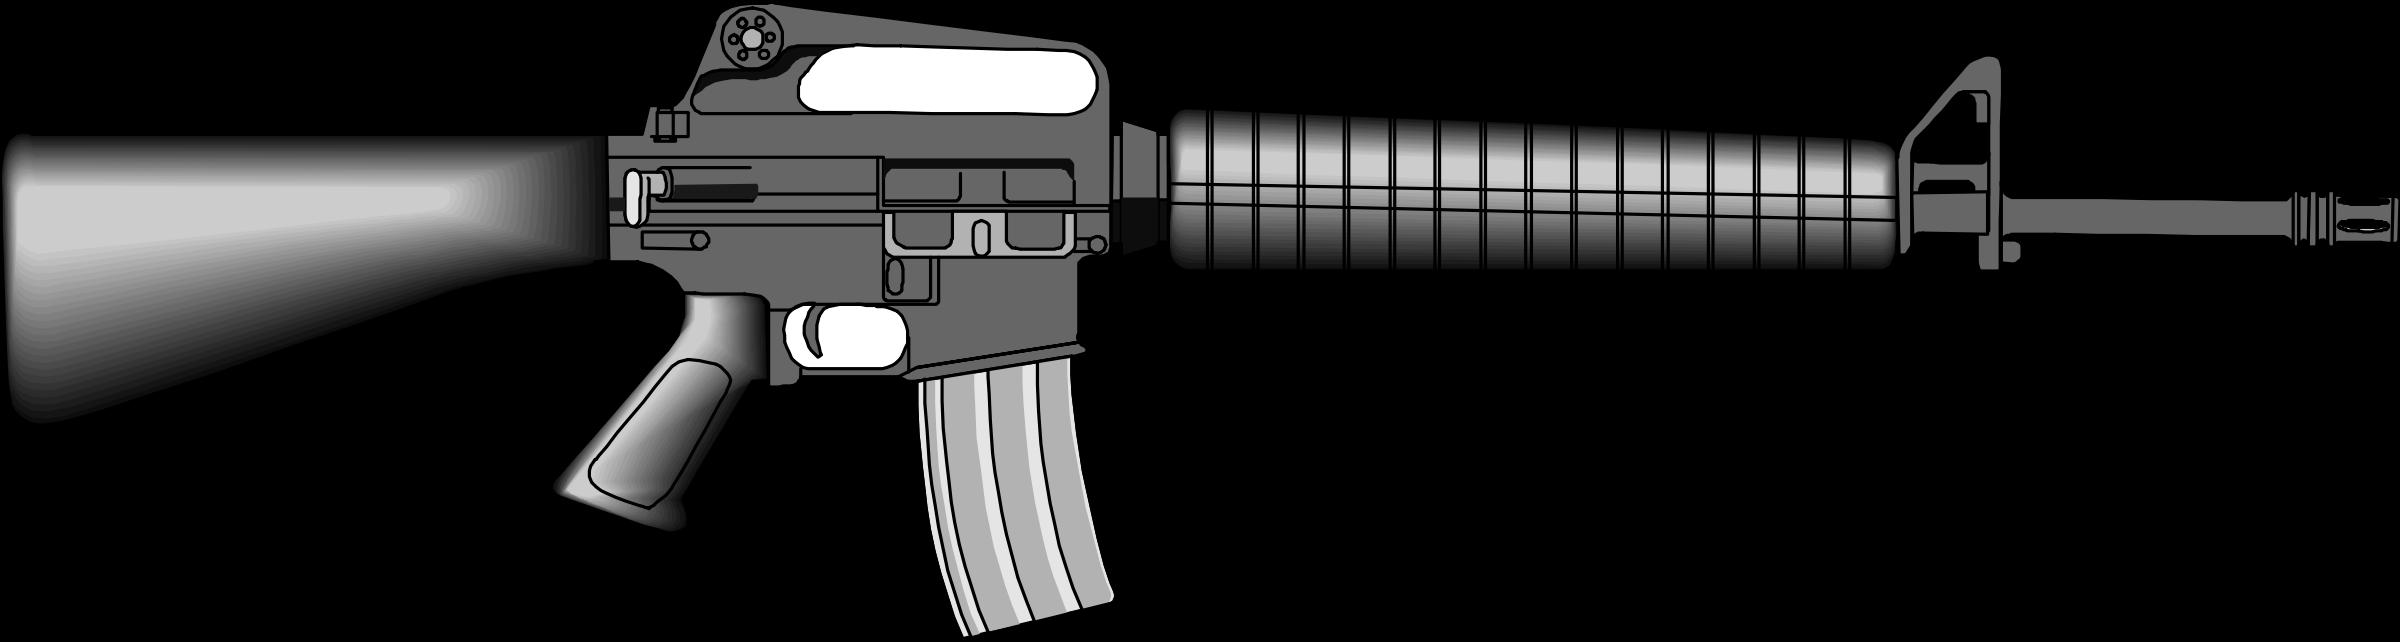 Assault Rifle clipart m16 M16 M16 Clipart